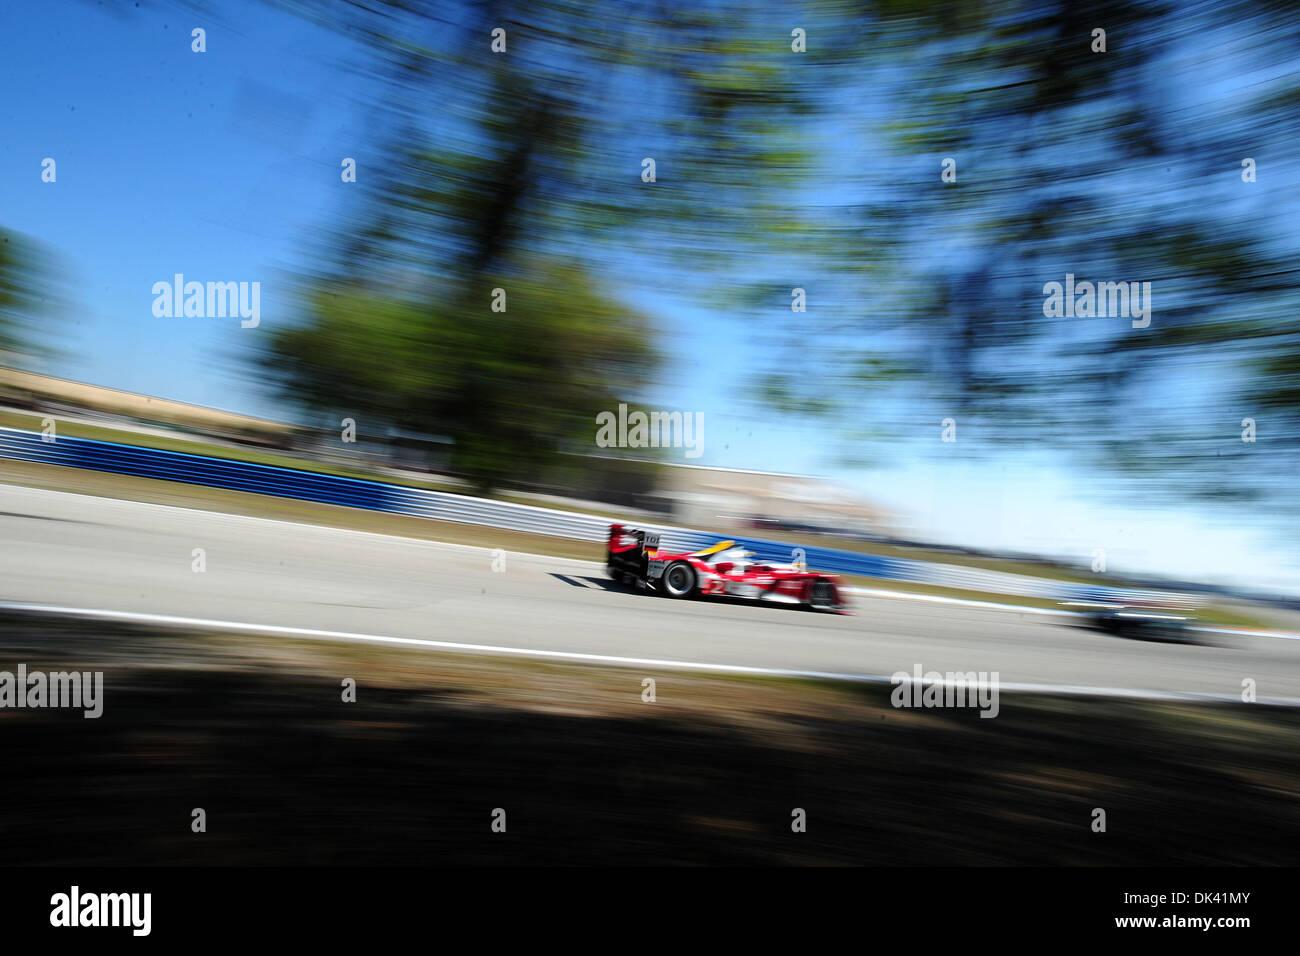 17. März 2011 - treibt Sebring, Florida, USA - Audi Sport-Fahrer ALLAN MCNISH, von Schottland, der R15 Plus während des Trainings für die 12 Stunden von Sebringin Sebring, Florida. (Kredit-Bild: © Rainier Ehrhardt/ZUMApress.com) Stockbild